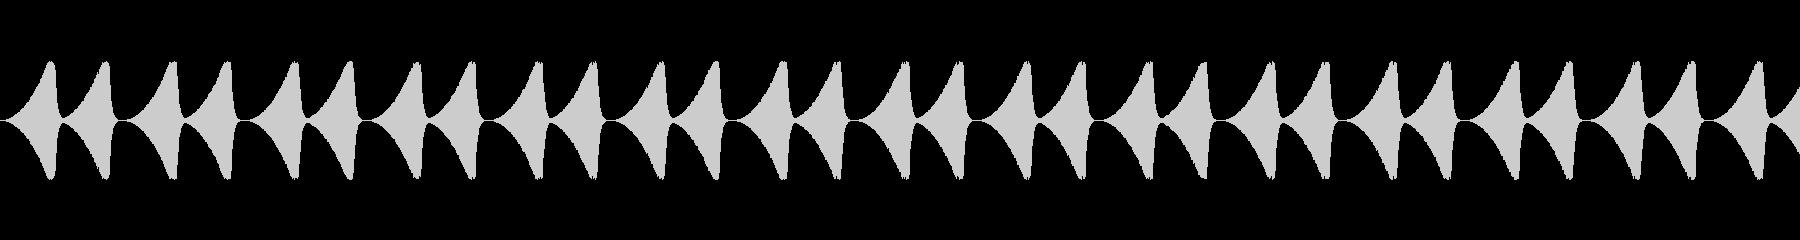 防犯ブザー/鳥の鳴き声/虫の音の未再生の波形